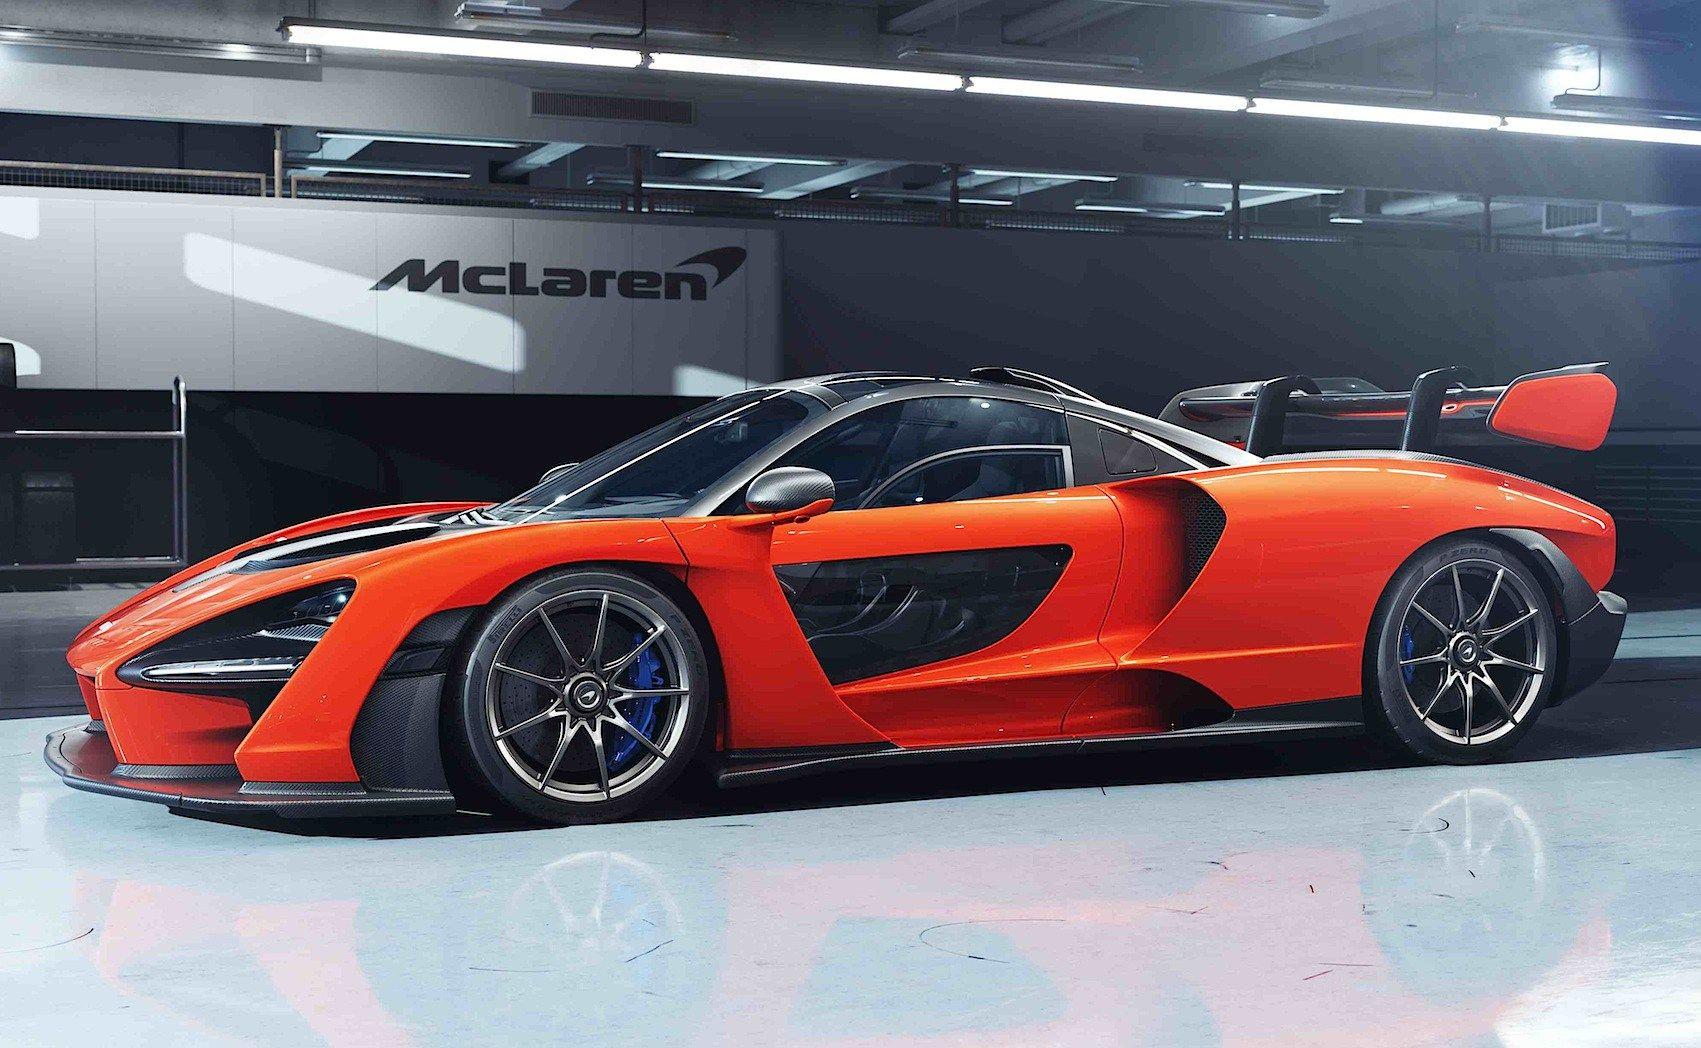 McLaren Senna Polarises The World With Controversial Hypercar Design